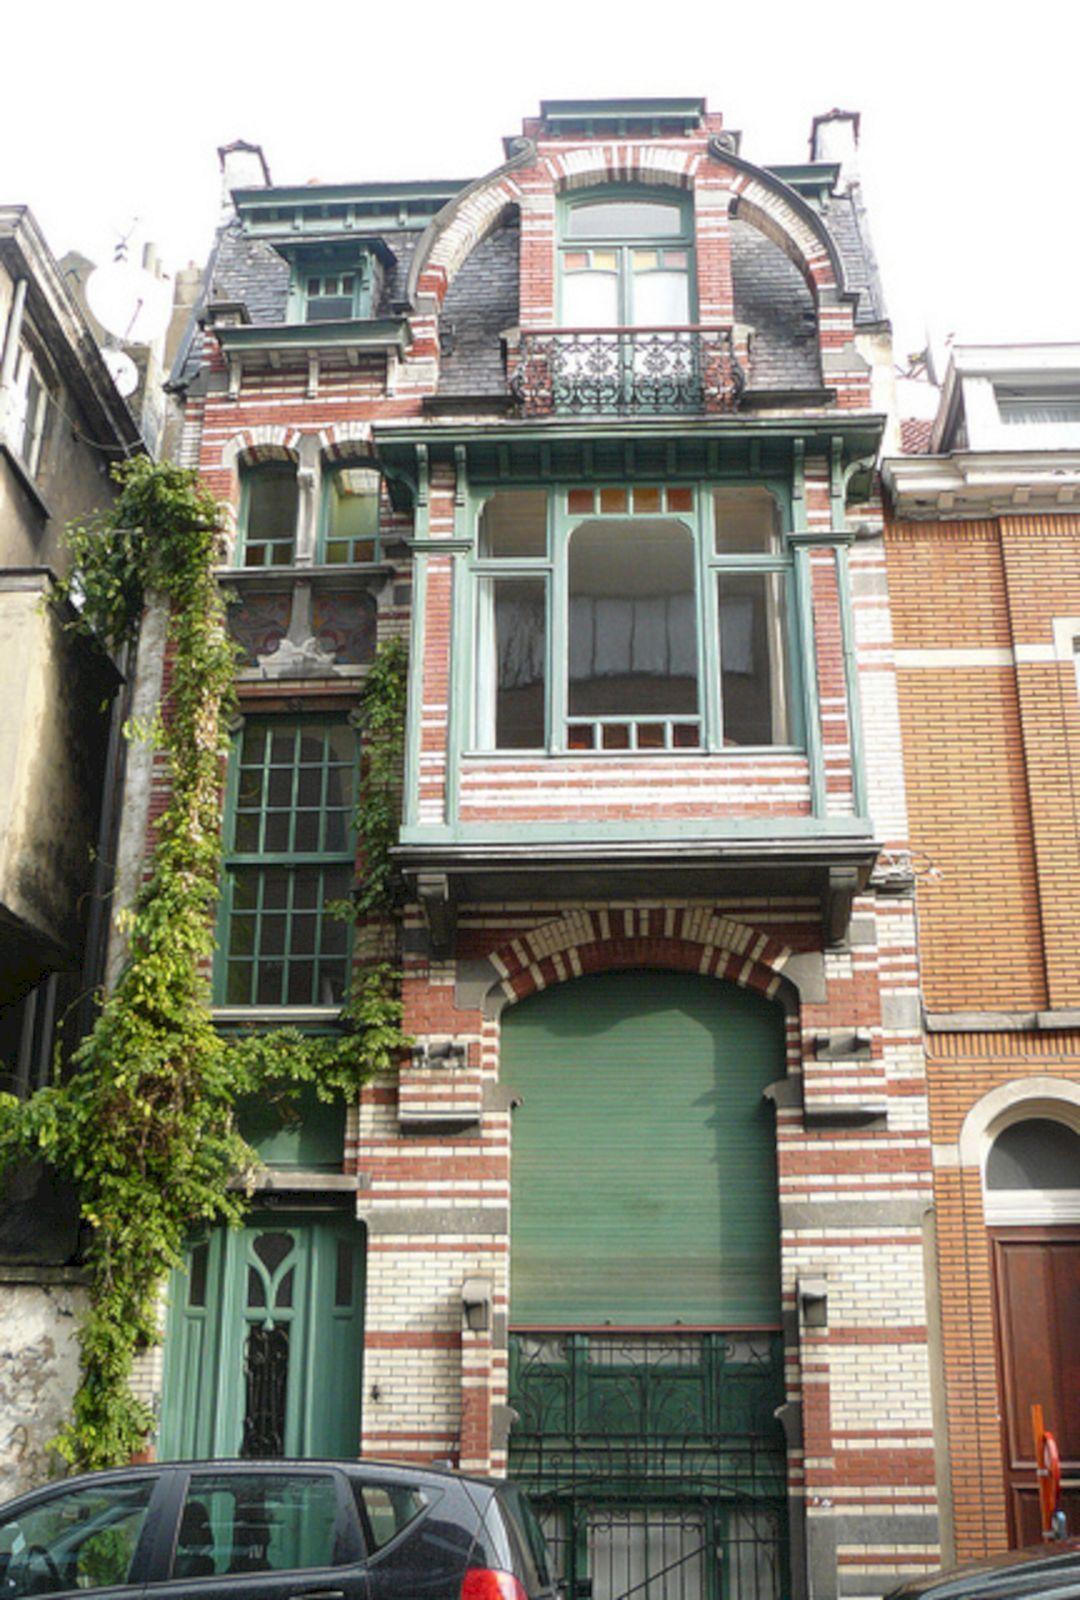 Art Nouveau Architecture 4 (Art Nouveau Architecture 4) design ideas and photos